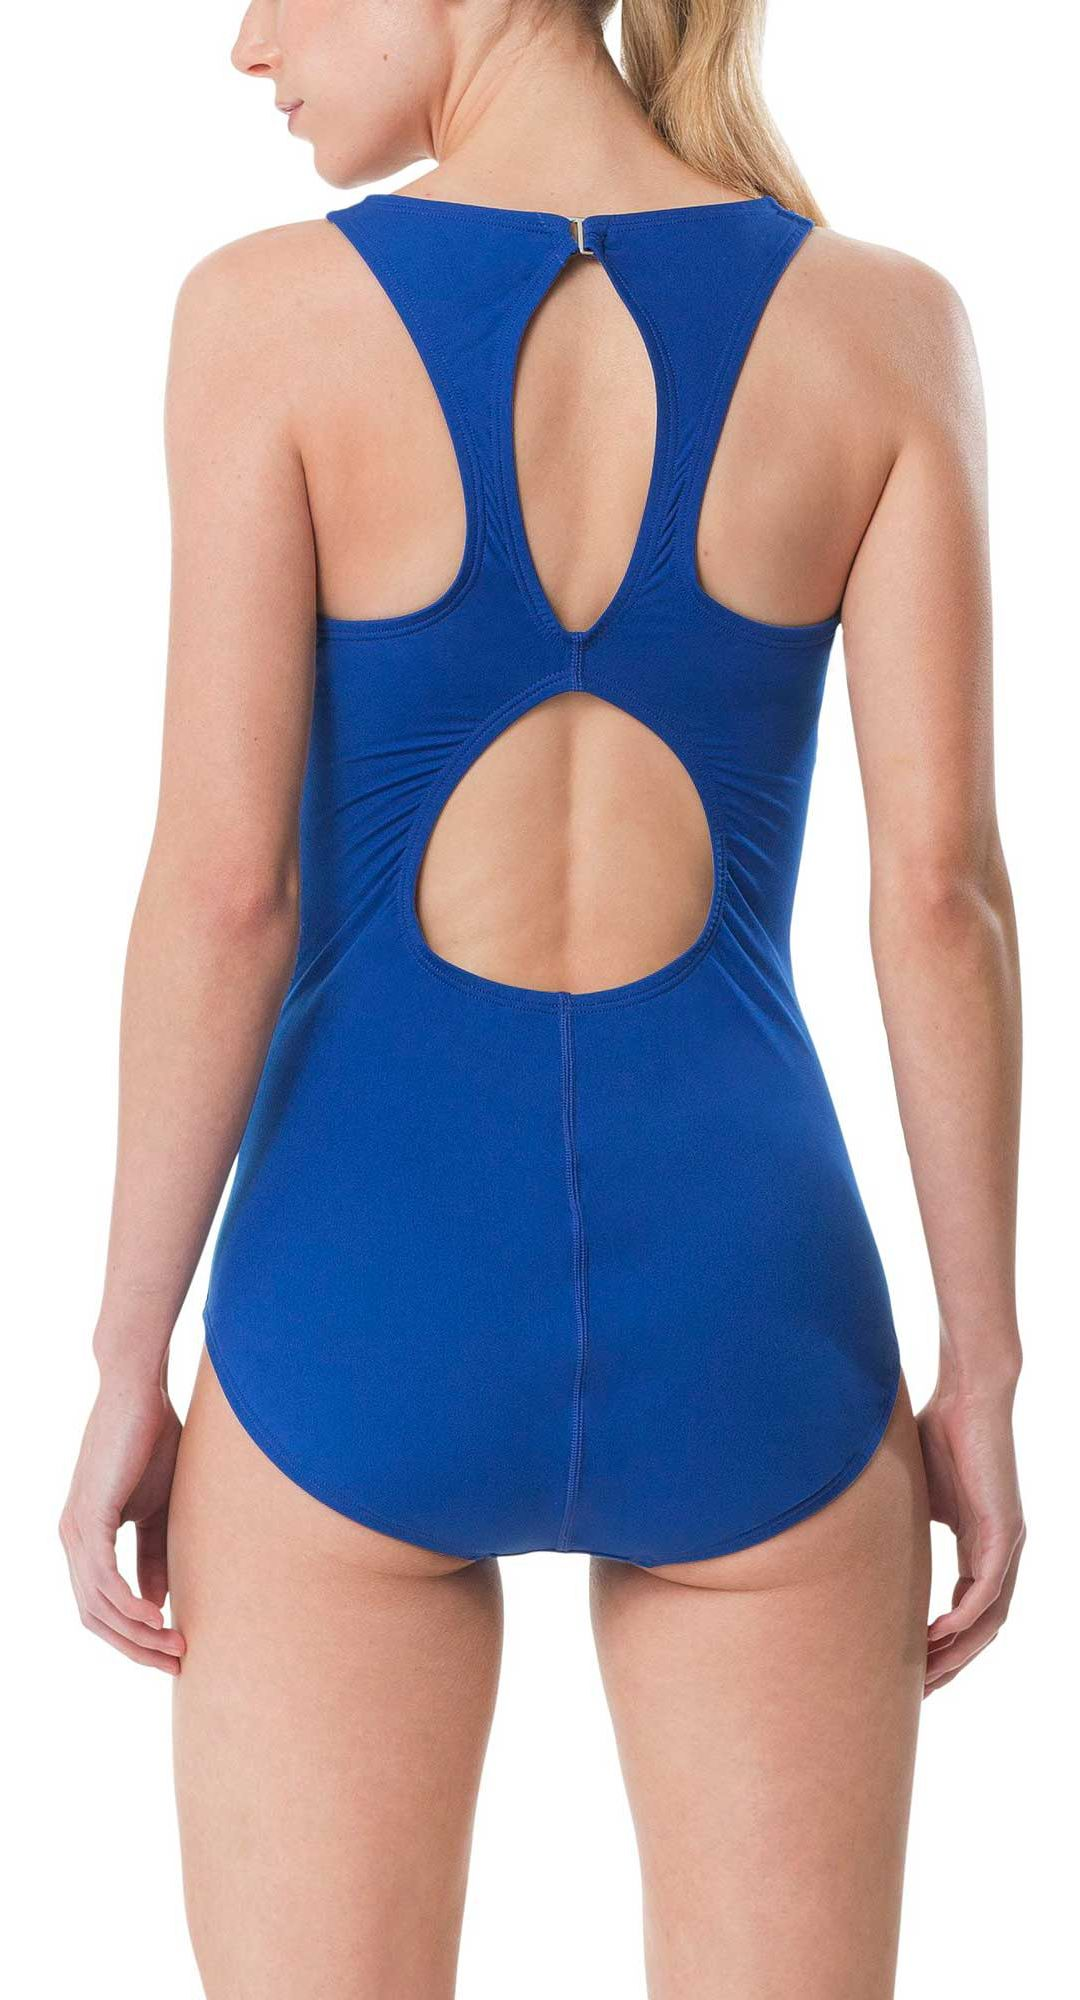 04372affe2 Speedo Women's Zip High Neck Swimsuit   DICK'S Sporting Goods